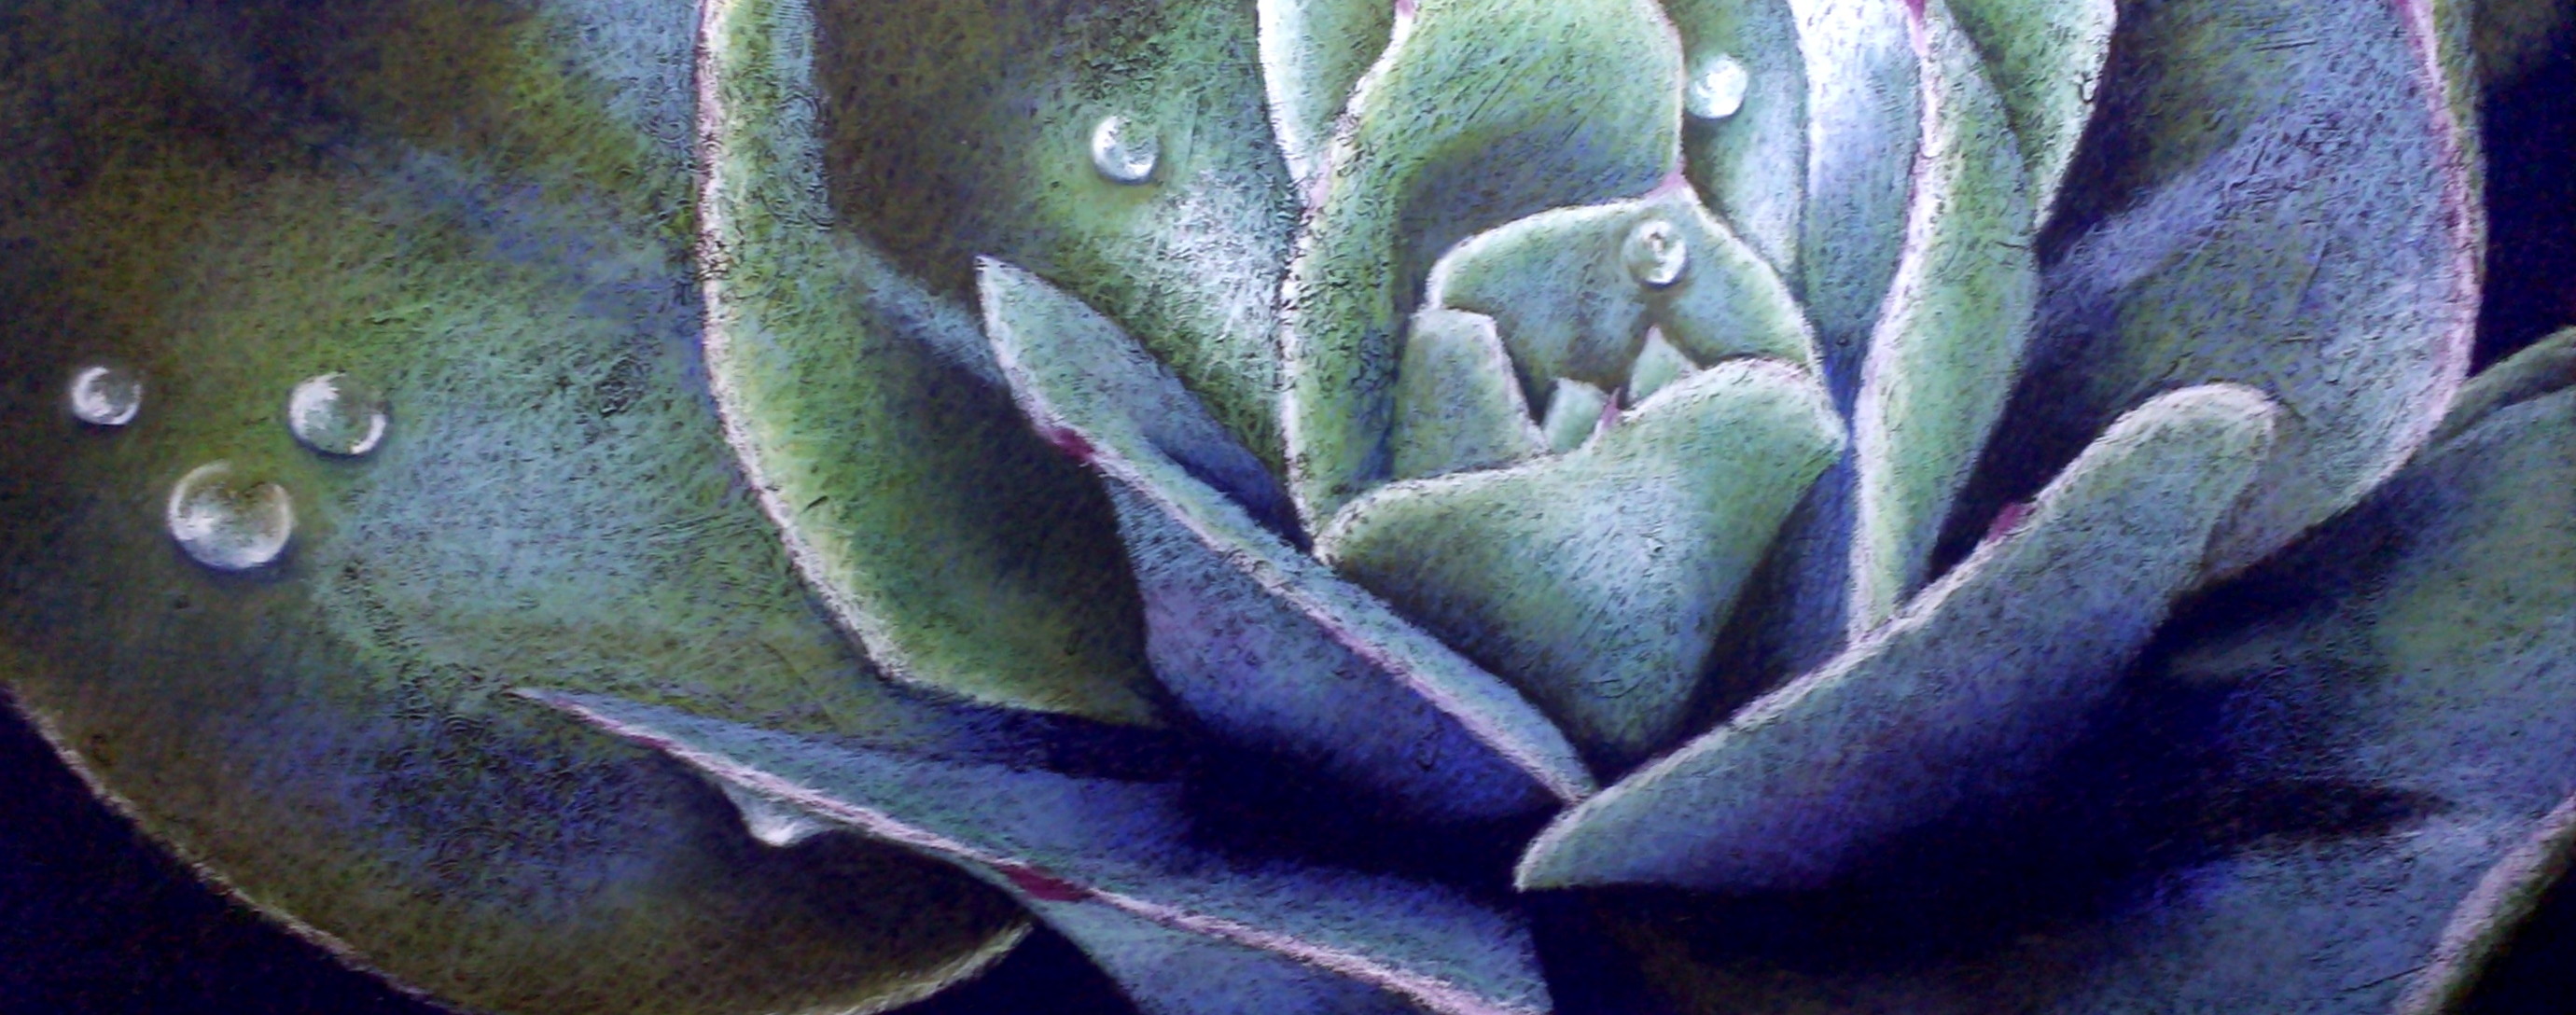 peta-cactus